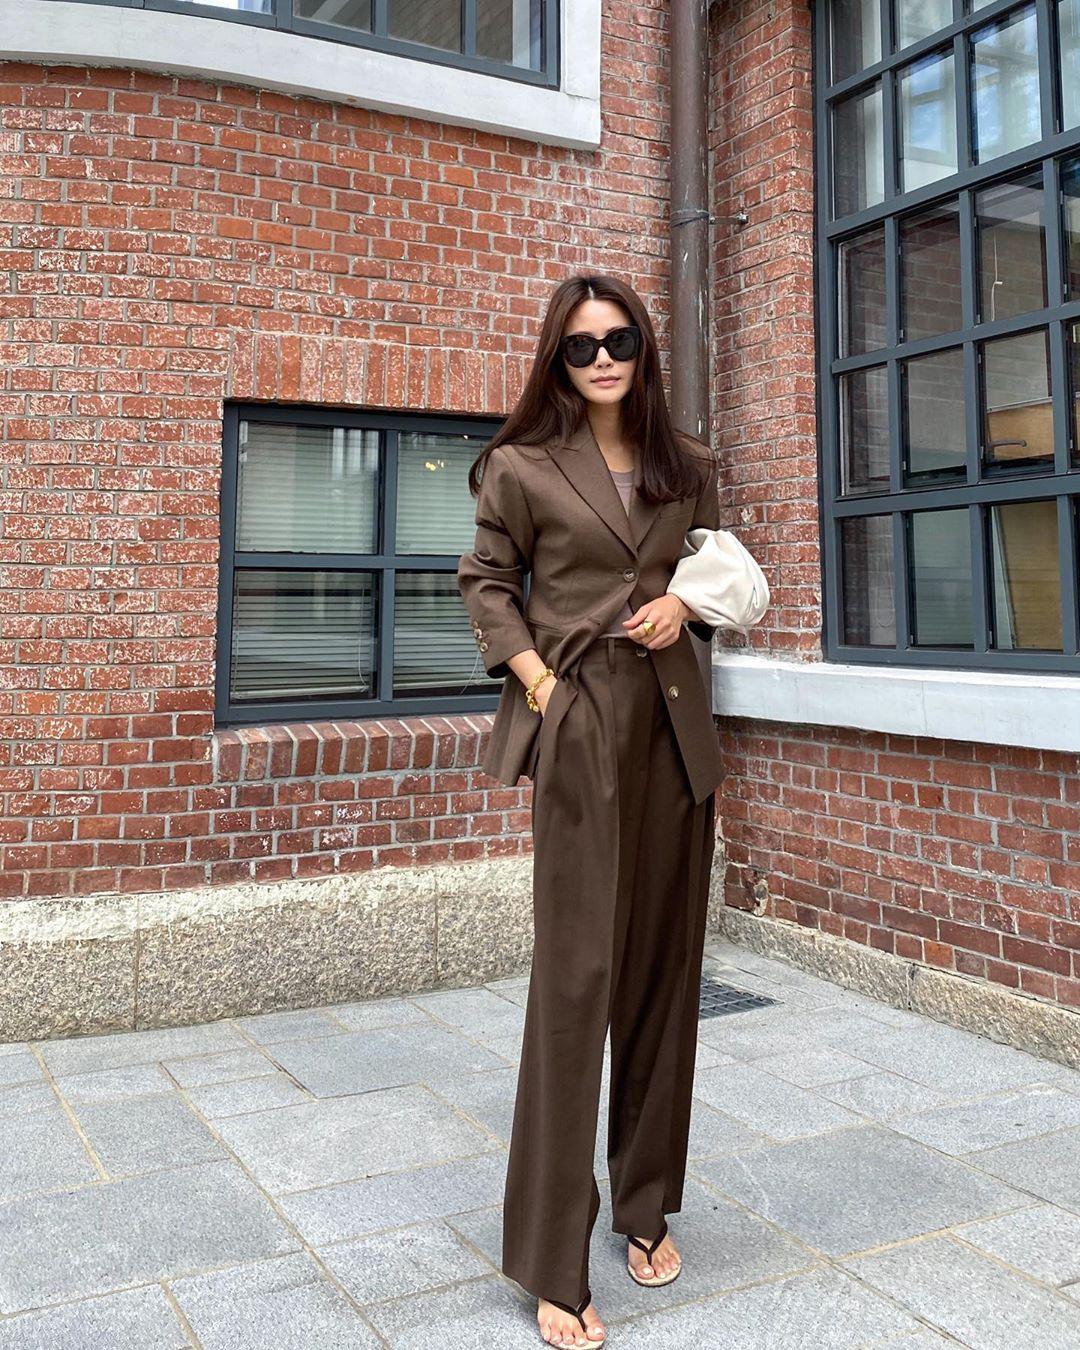 Chân dài nổi tiếng nhưng Seo Ye Ji cũng từng dìm dáng thảm hại vì chọn nhầm bộ suit khiến chân ngắn một mẩu - Ảnh 8.